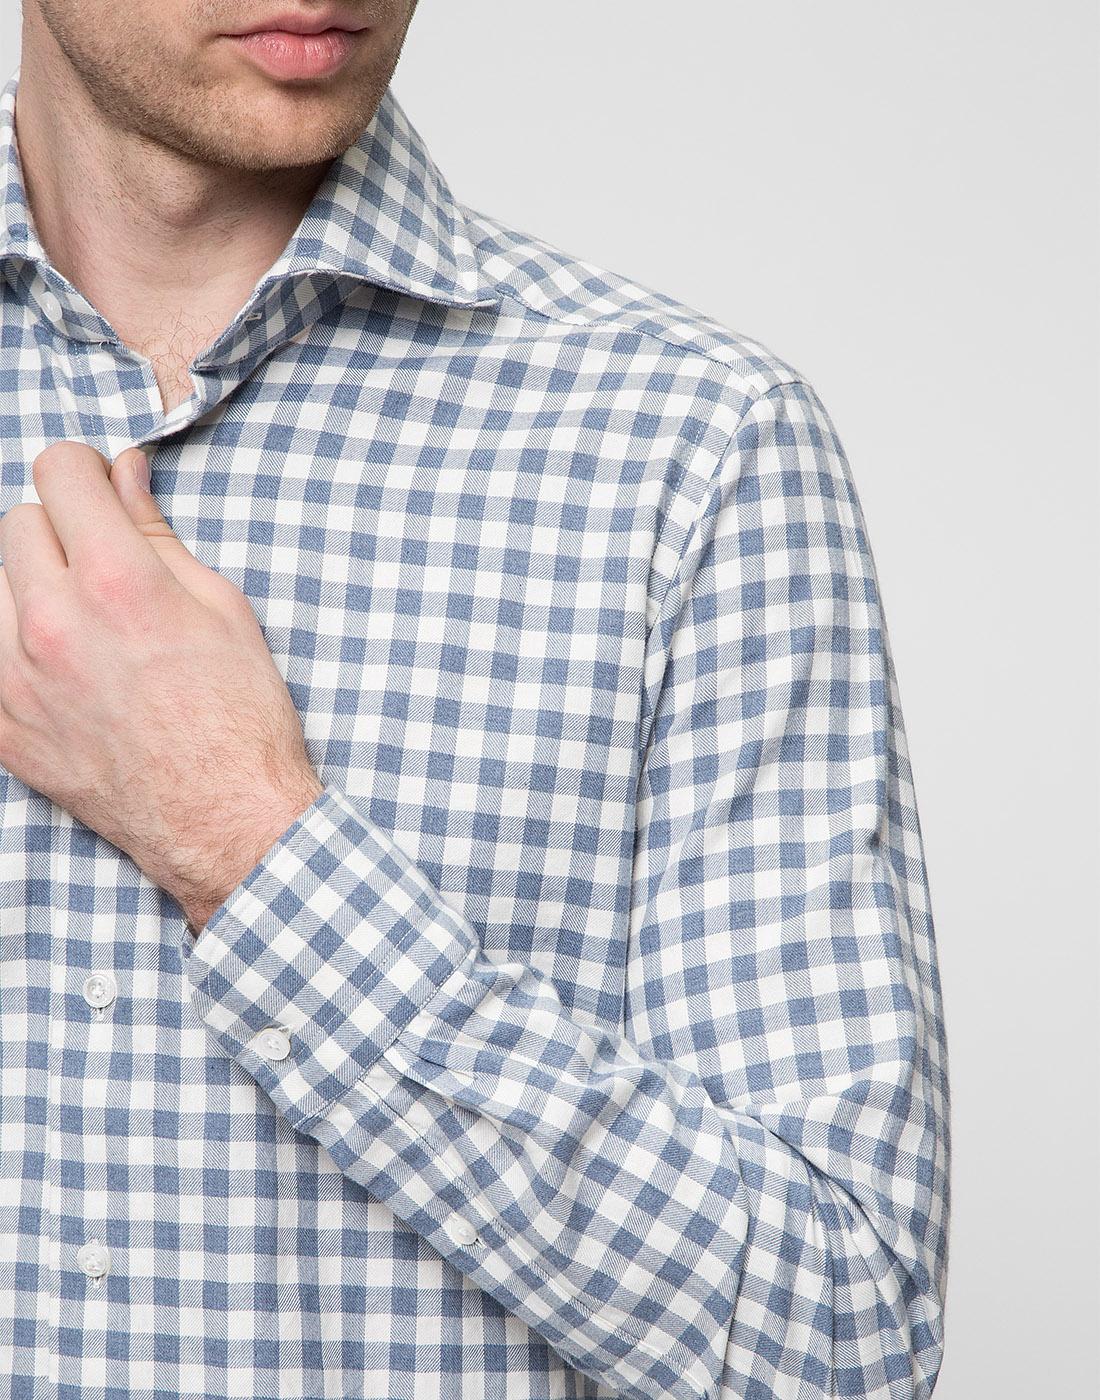 Мужская белая рубашка в клетку Bagutta S09558.250-6